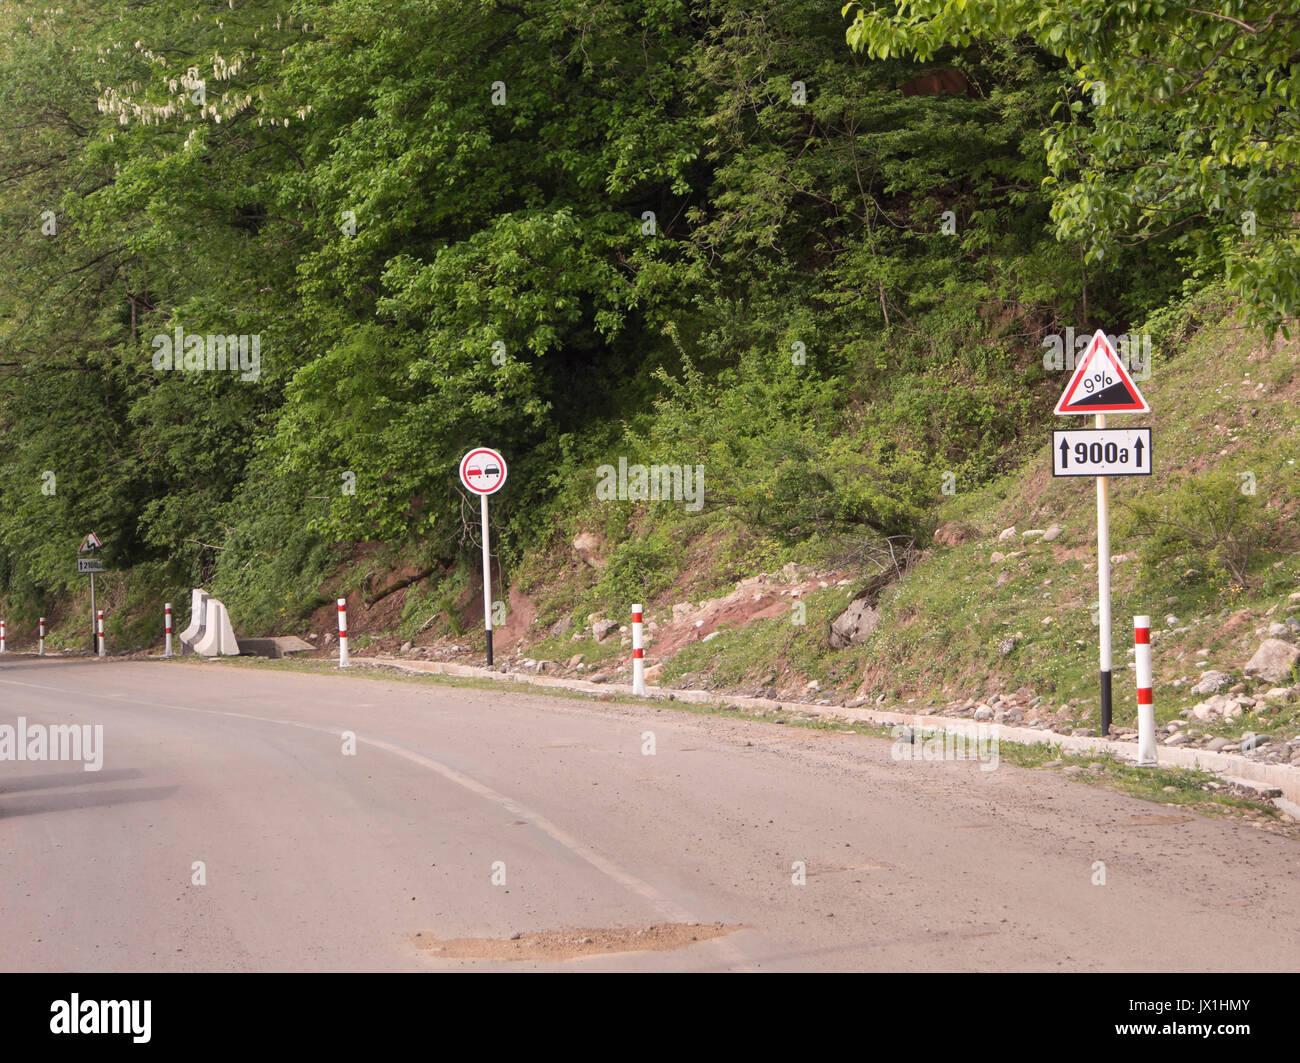 Visite turistiche in Georgia può essere impegnativo per il conducente, segnaletica stradale avviso per 9 % di declino vicino il monastero di Gelati Immagini Stock